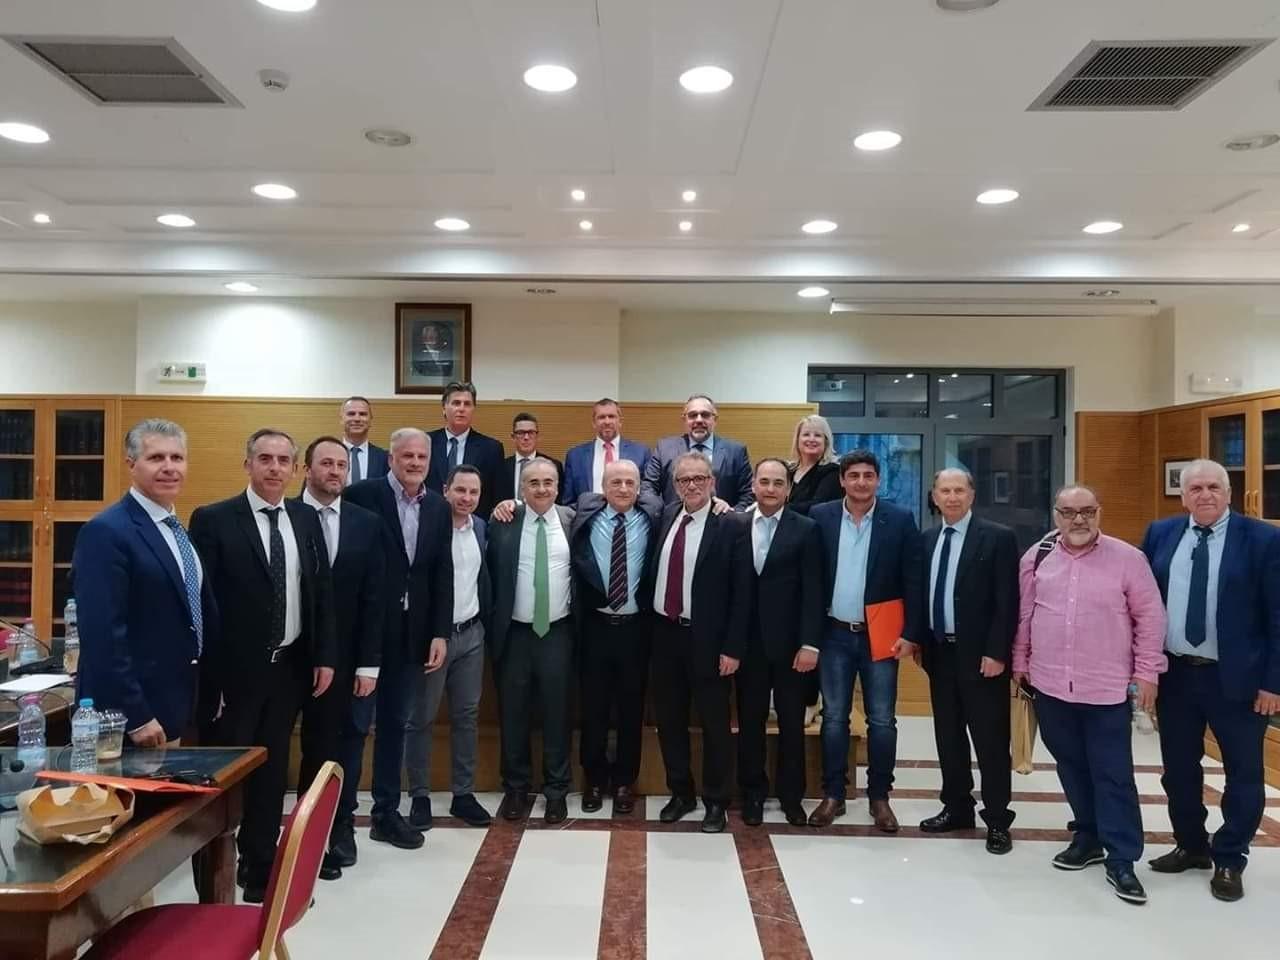 Συνεδρίαση Διευρυμένης Συντονιστικής Επιτροπής Ολομέλειας Προέδρων Δικ. Συλλόγων